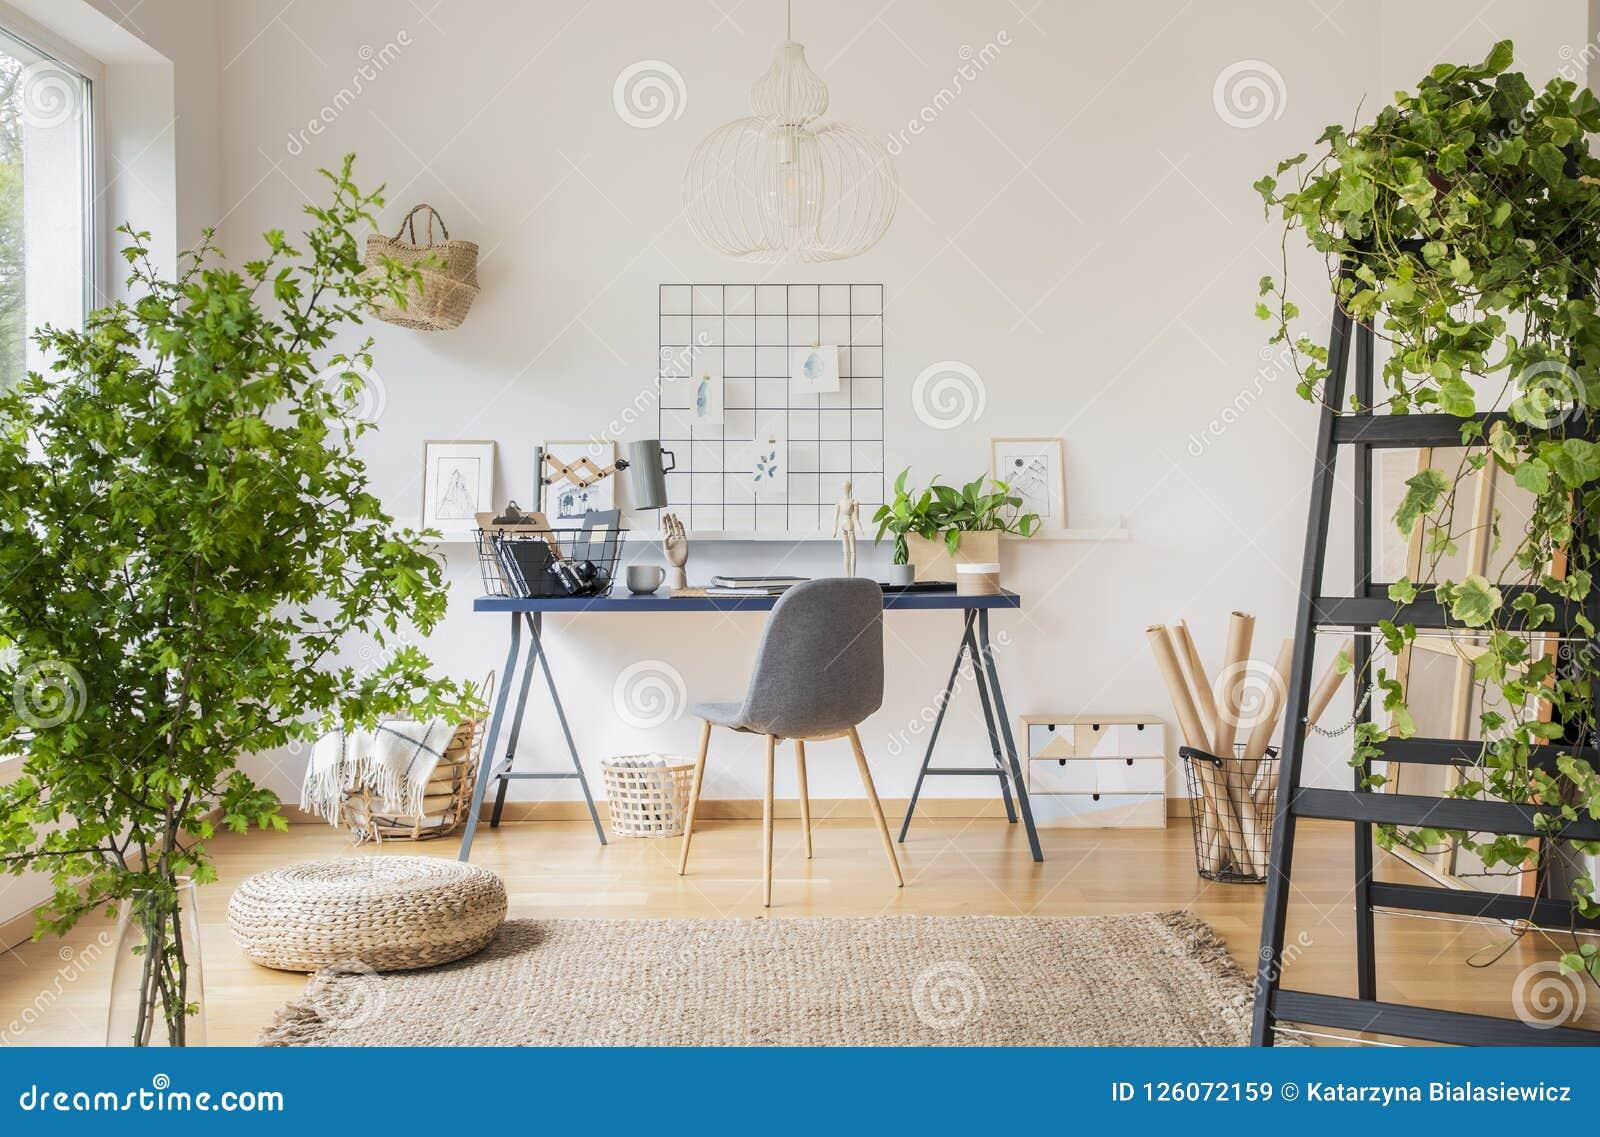 白色宽敞家庭办公室内部的植物与在地毯的蒲团在书桌的灰色椅子附近 实际照片